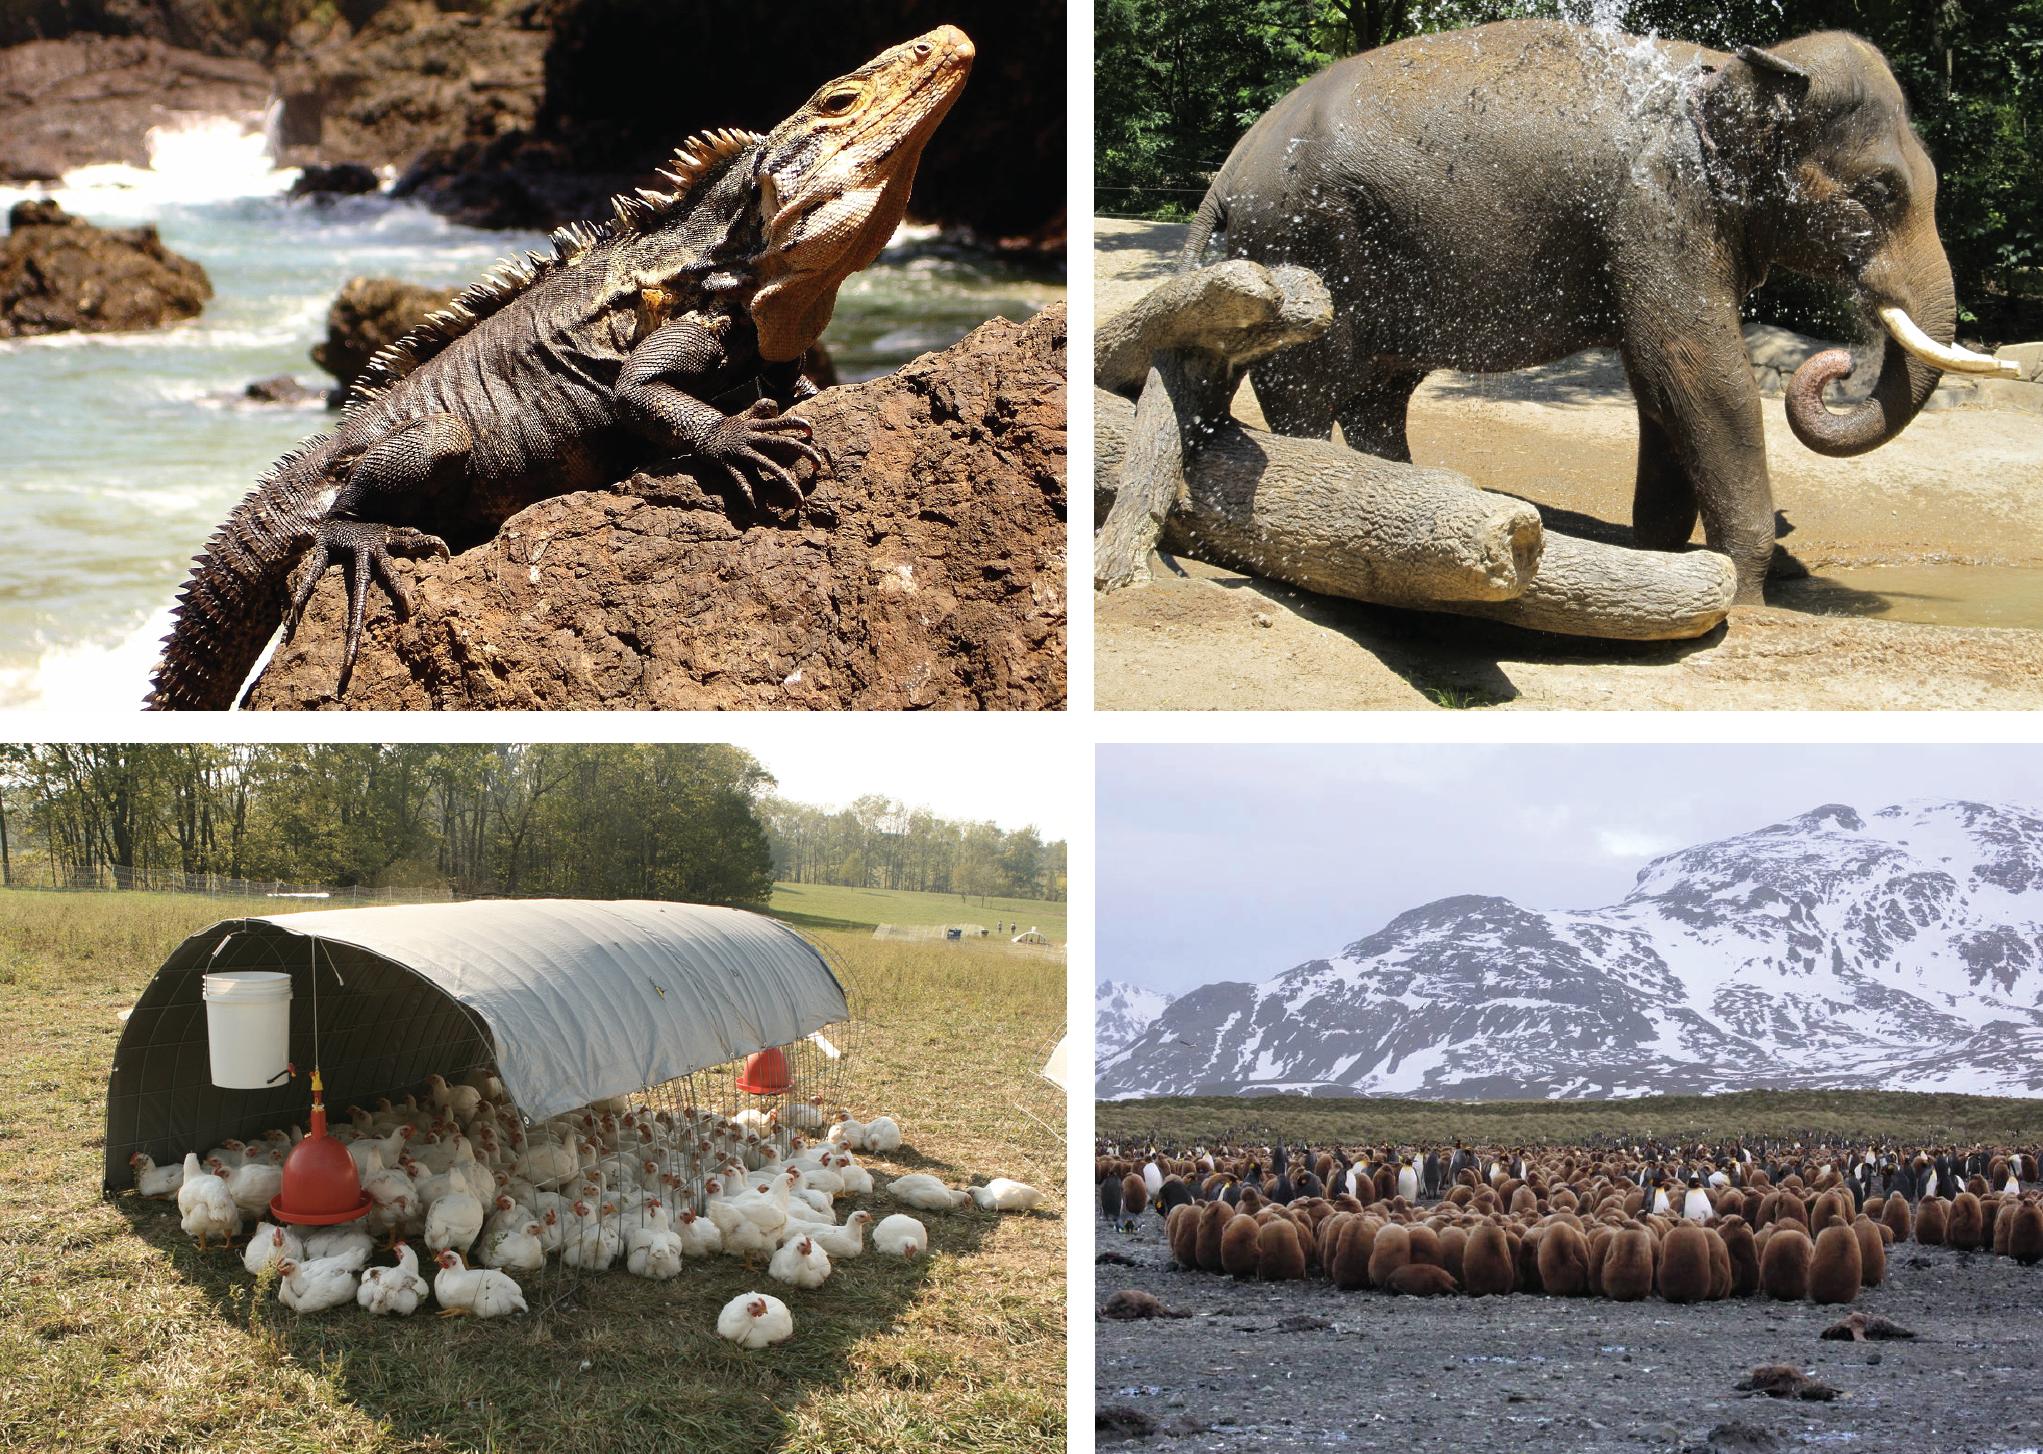 Acima à esquerda, iguana se aquecendo ao sol sobre uma rocha; acima à direita, elefante se borrifando com água; abaixo à esquerda, galinhas criadas livremente sentadas à sombra sob uma lona em um campo; abaixo à direita, filhotes de pinguim se amontoando para se aquecerem.